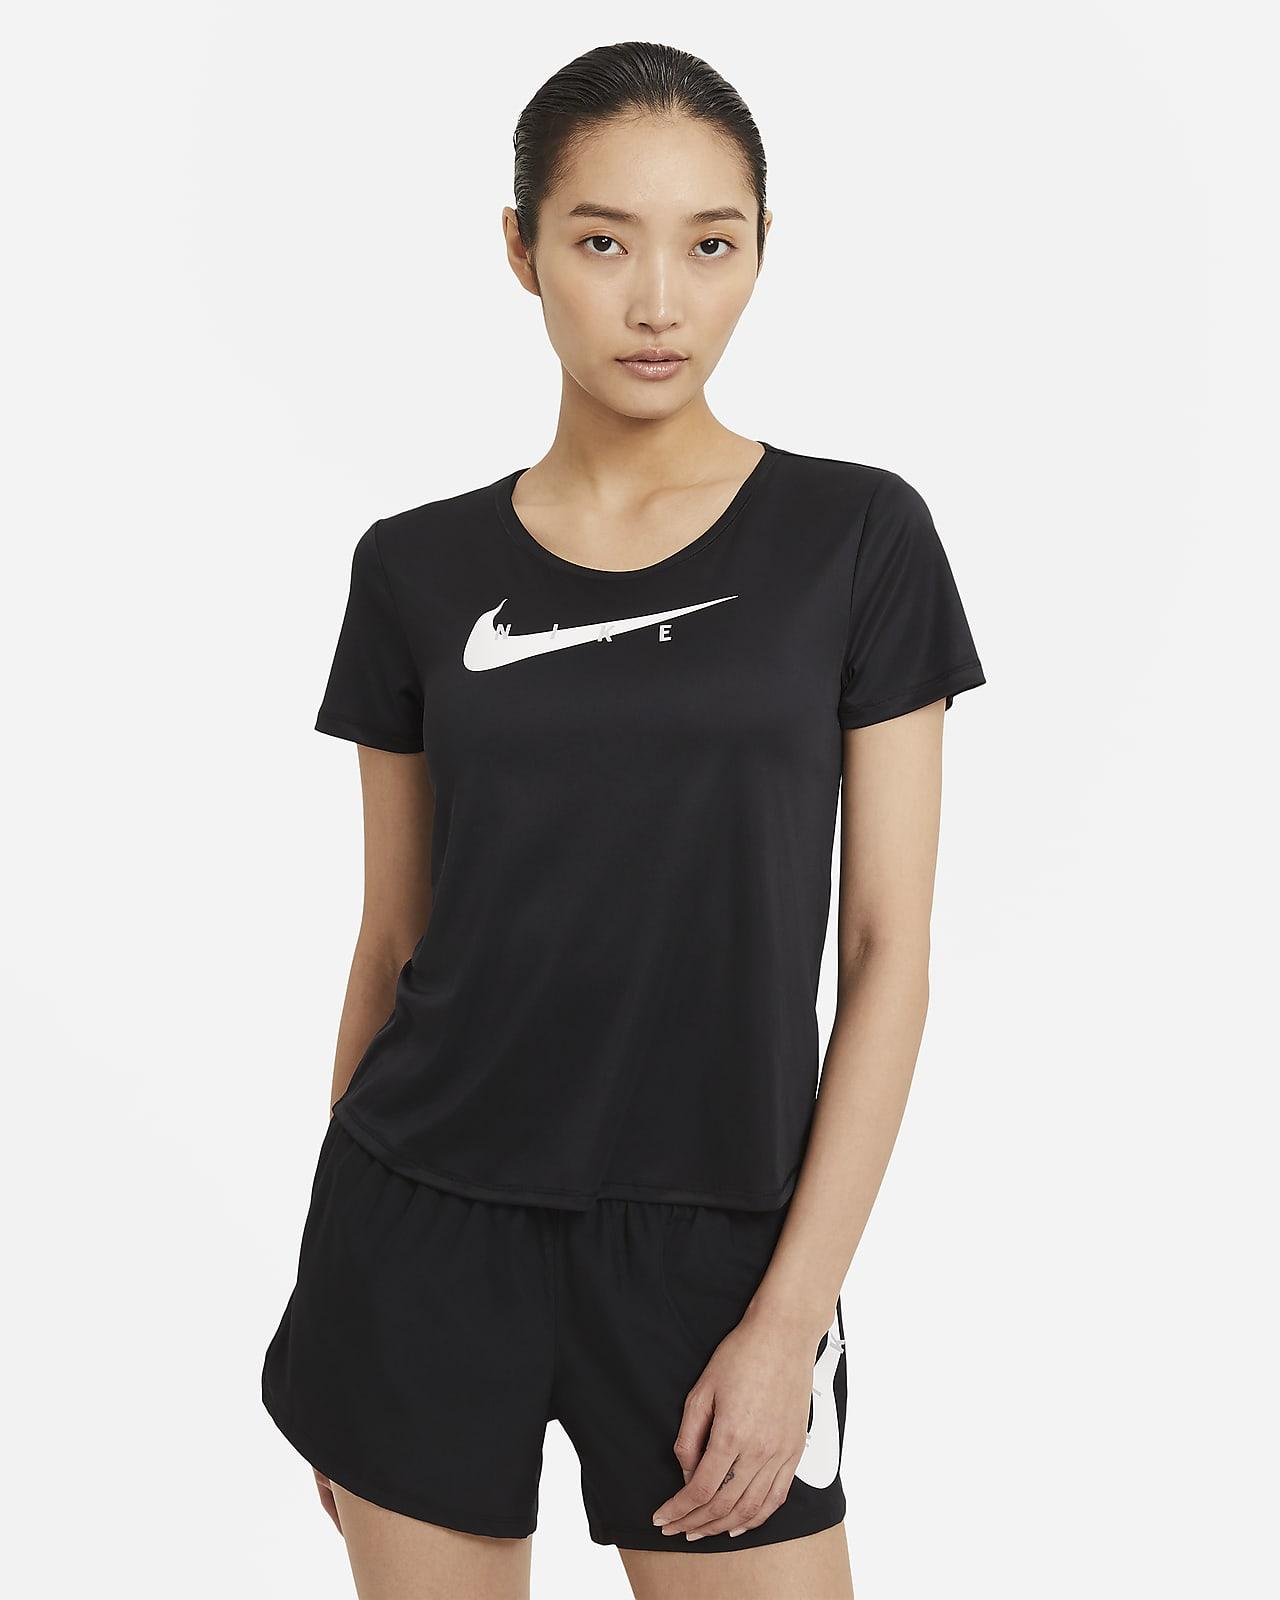 เสื้อวิ่งแขนสั้นผู้หญิง Nike Swoosh Run